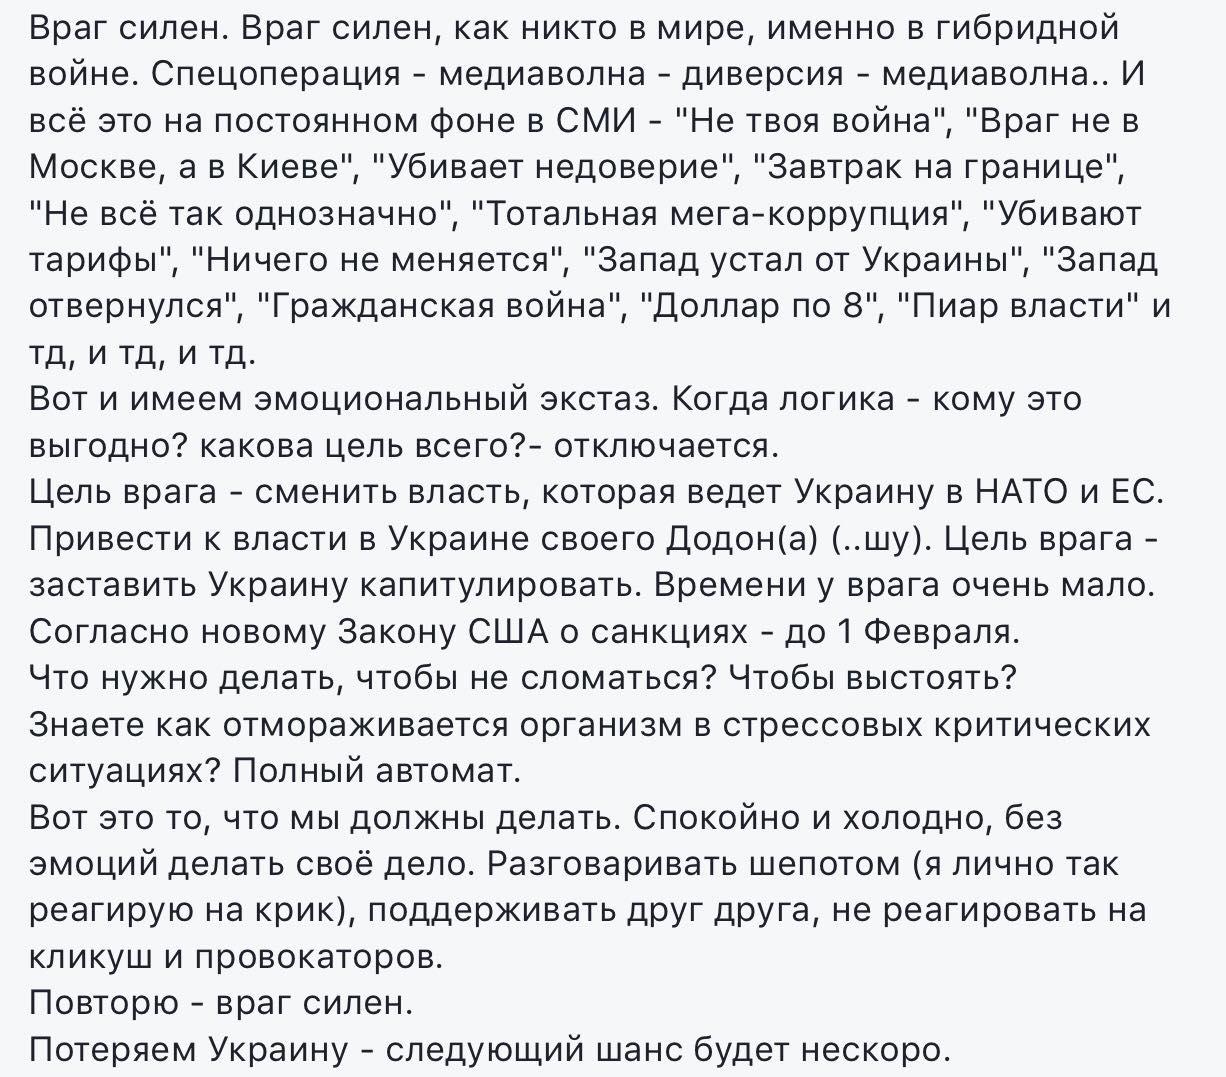 Операции Ы как мобилизация электората Порошенко